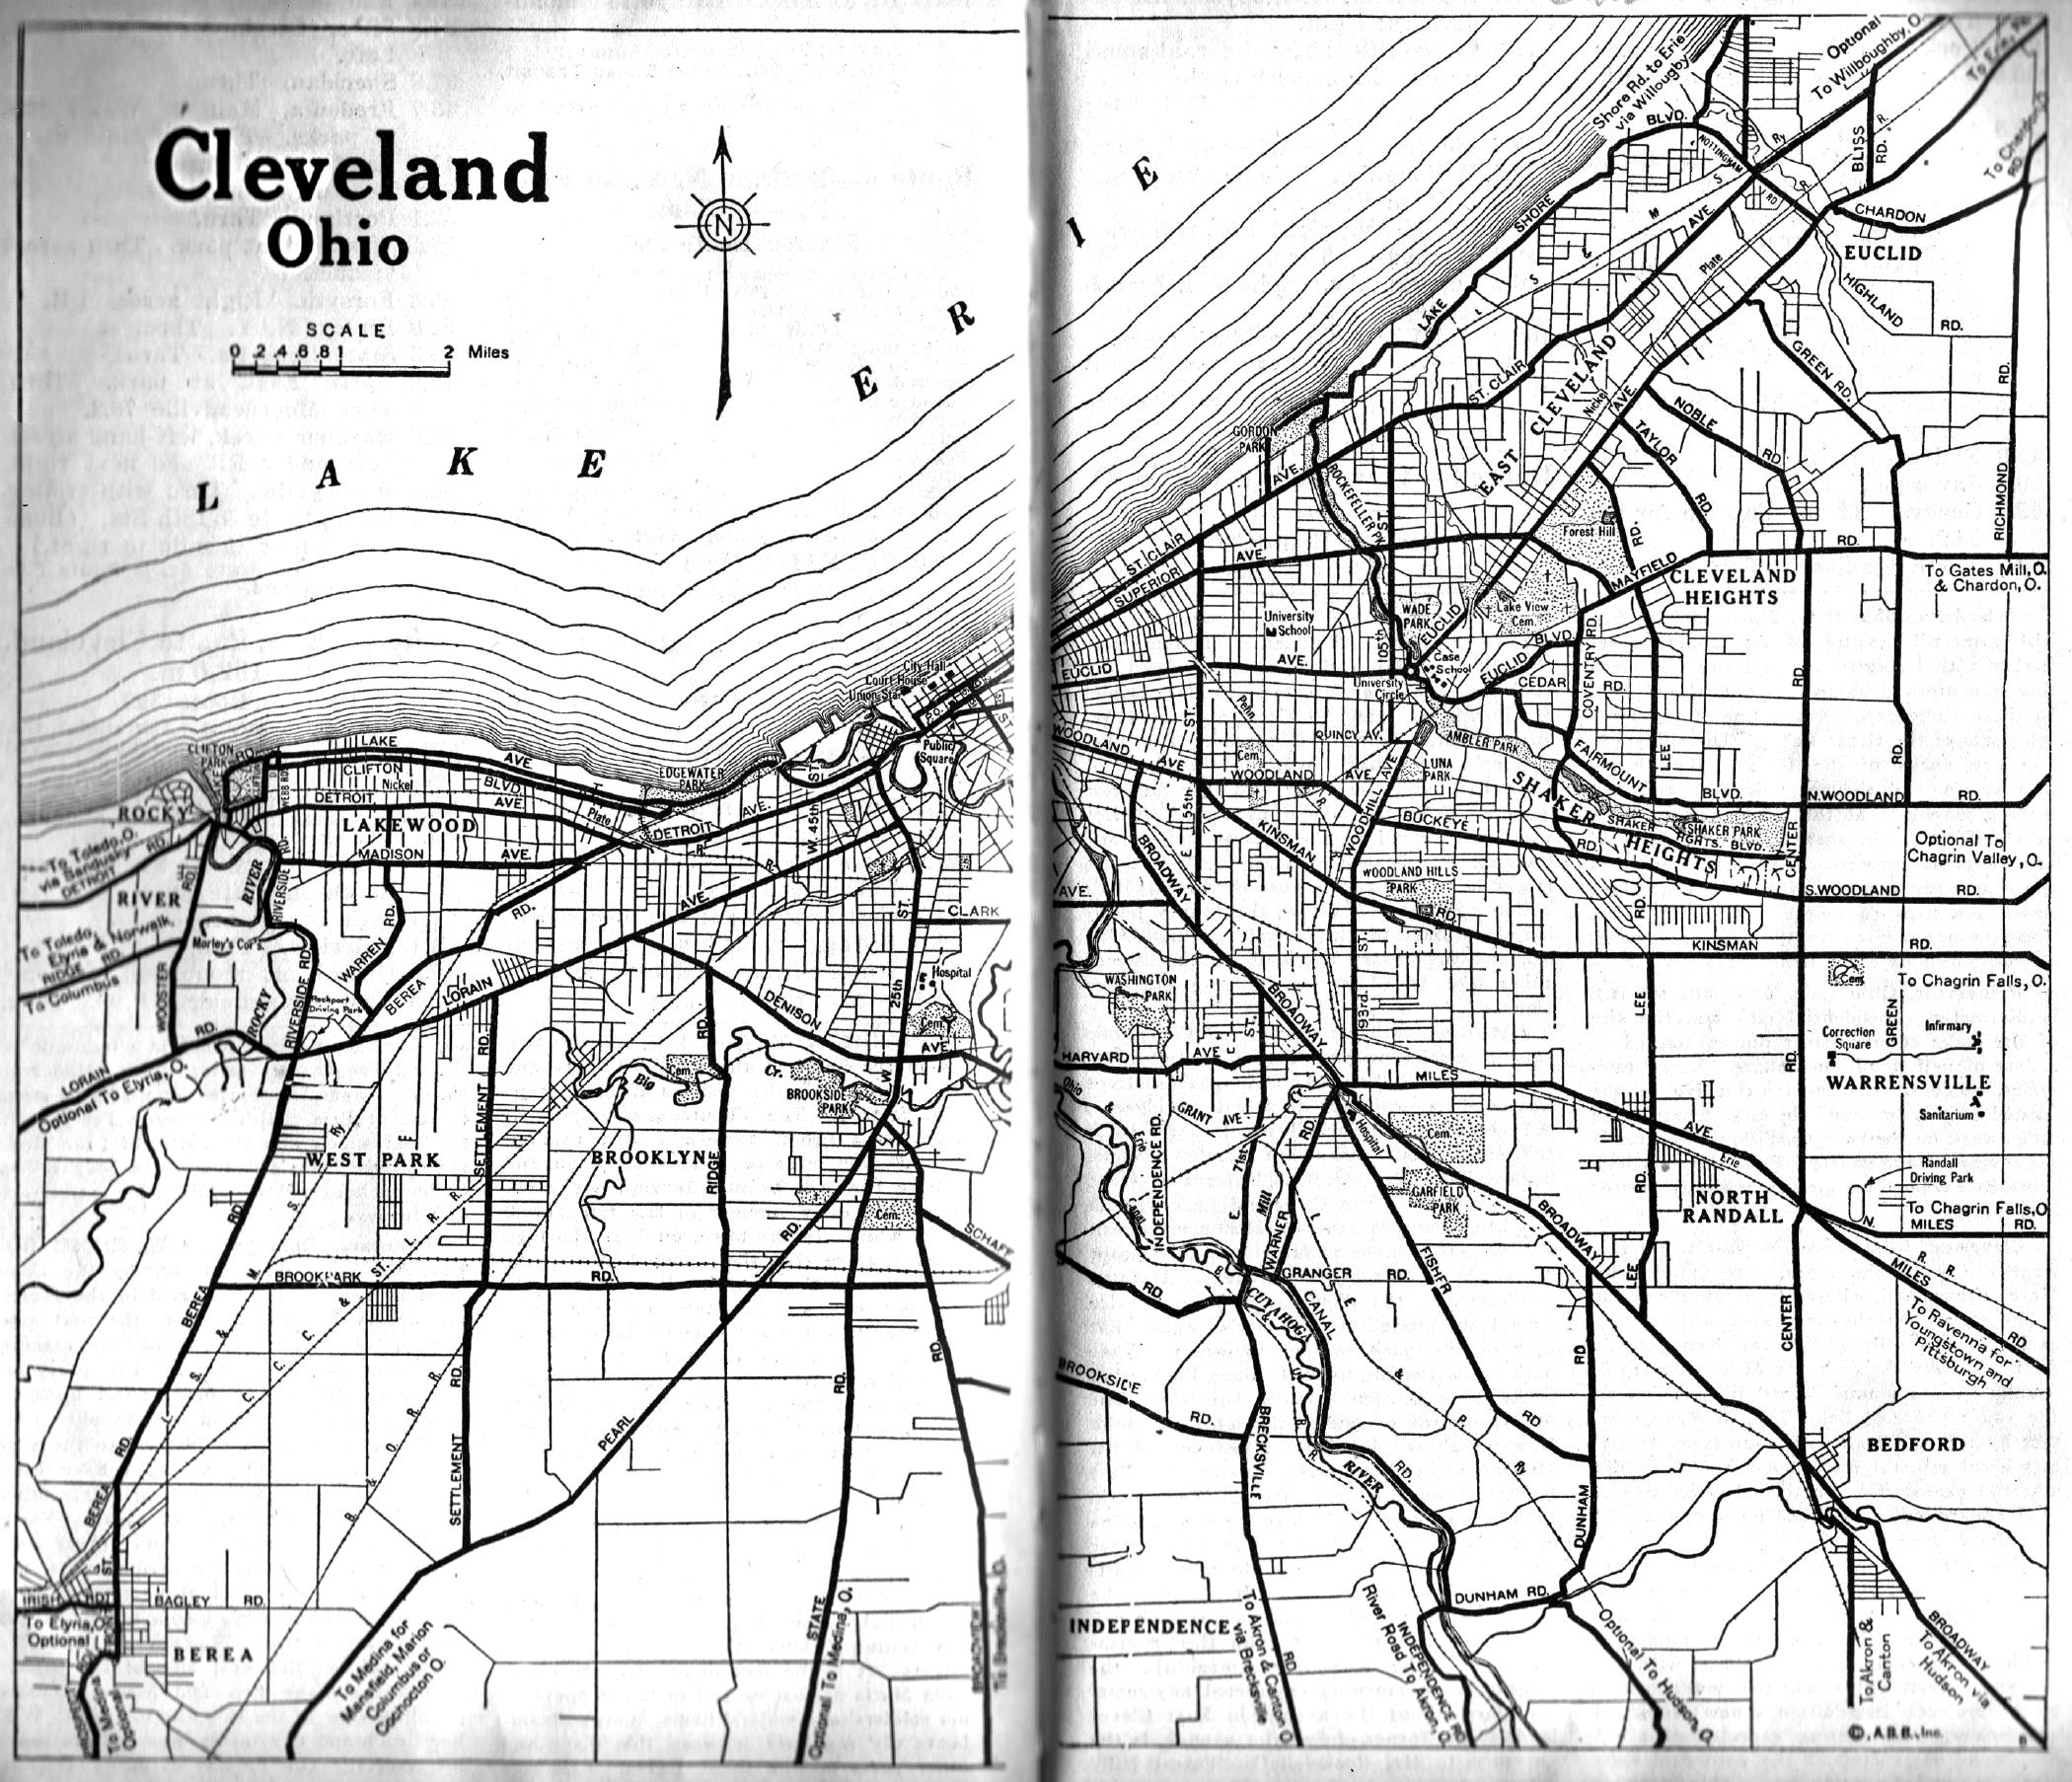 Ohio City Maps at AmericanRoads.us Full Size Map Of Northeast Ohio on white map of ohio, full screen map of ohio, economy map of ohio, small map of ohio, large map of ohio,